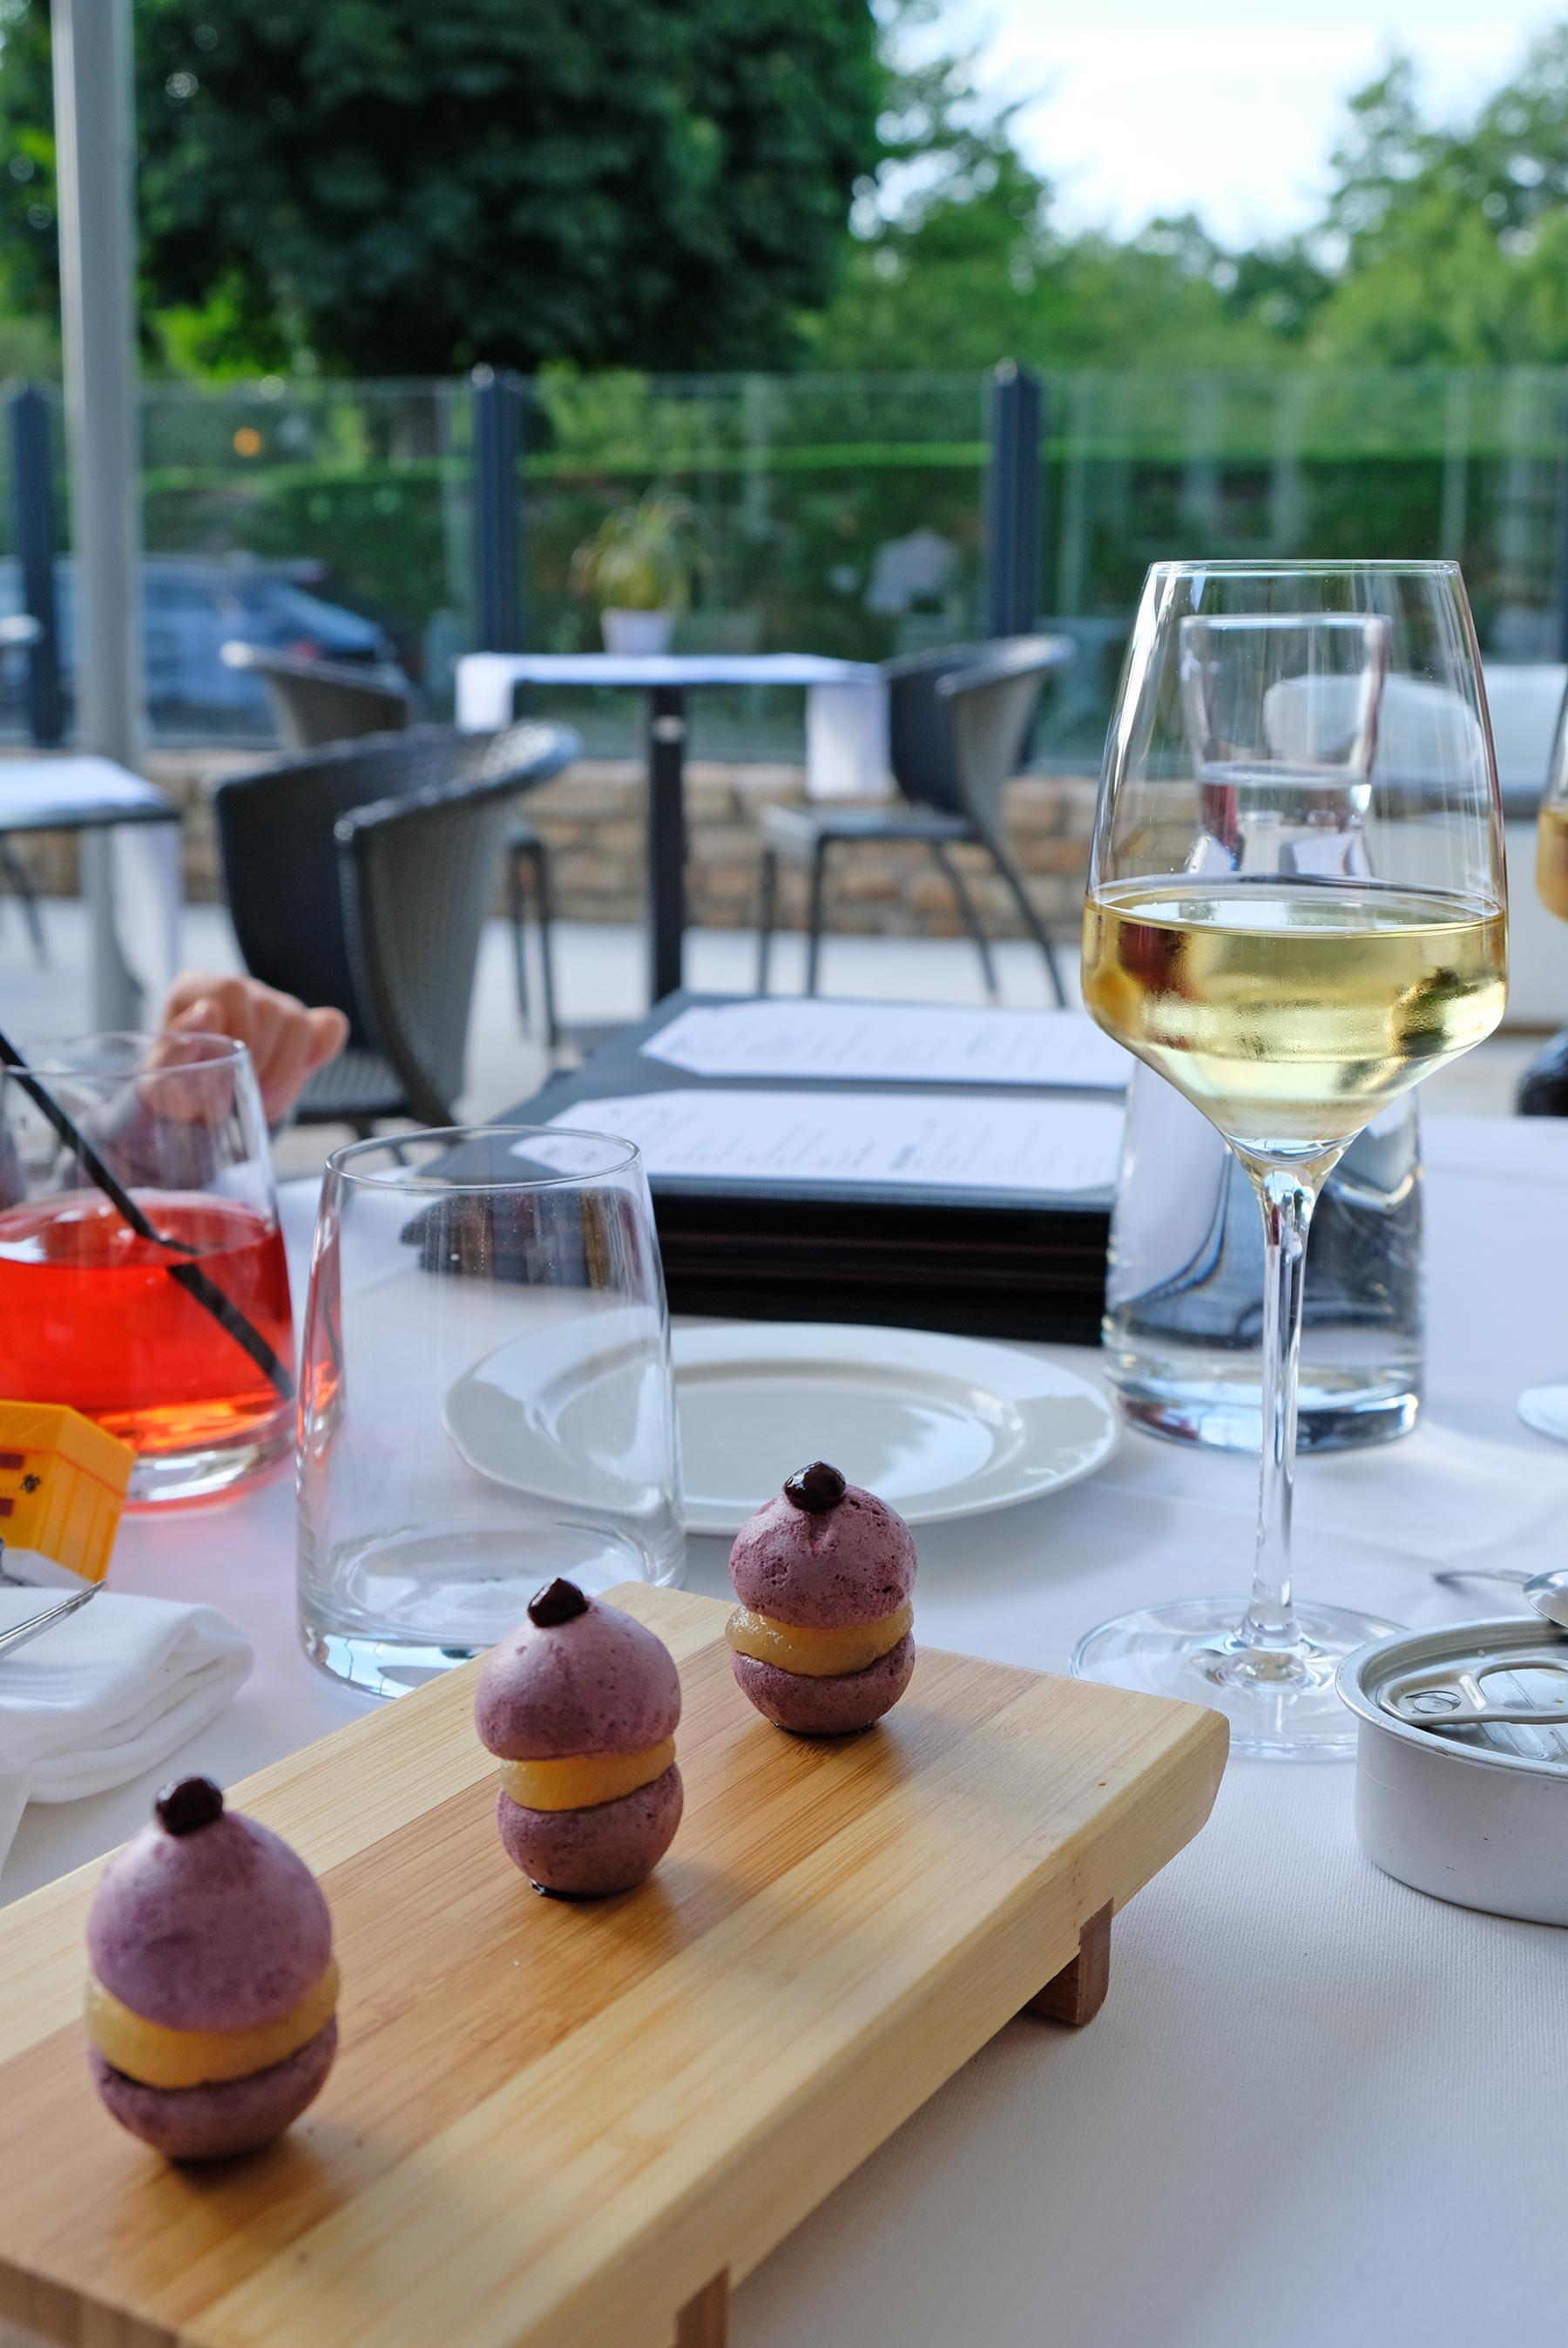 Repas gourmand au restaurant gastronomique Le manoir de la régate